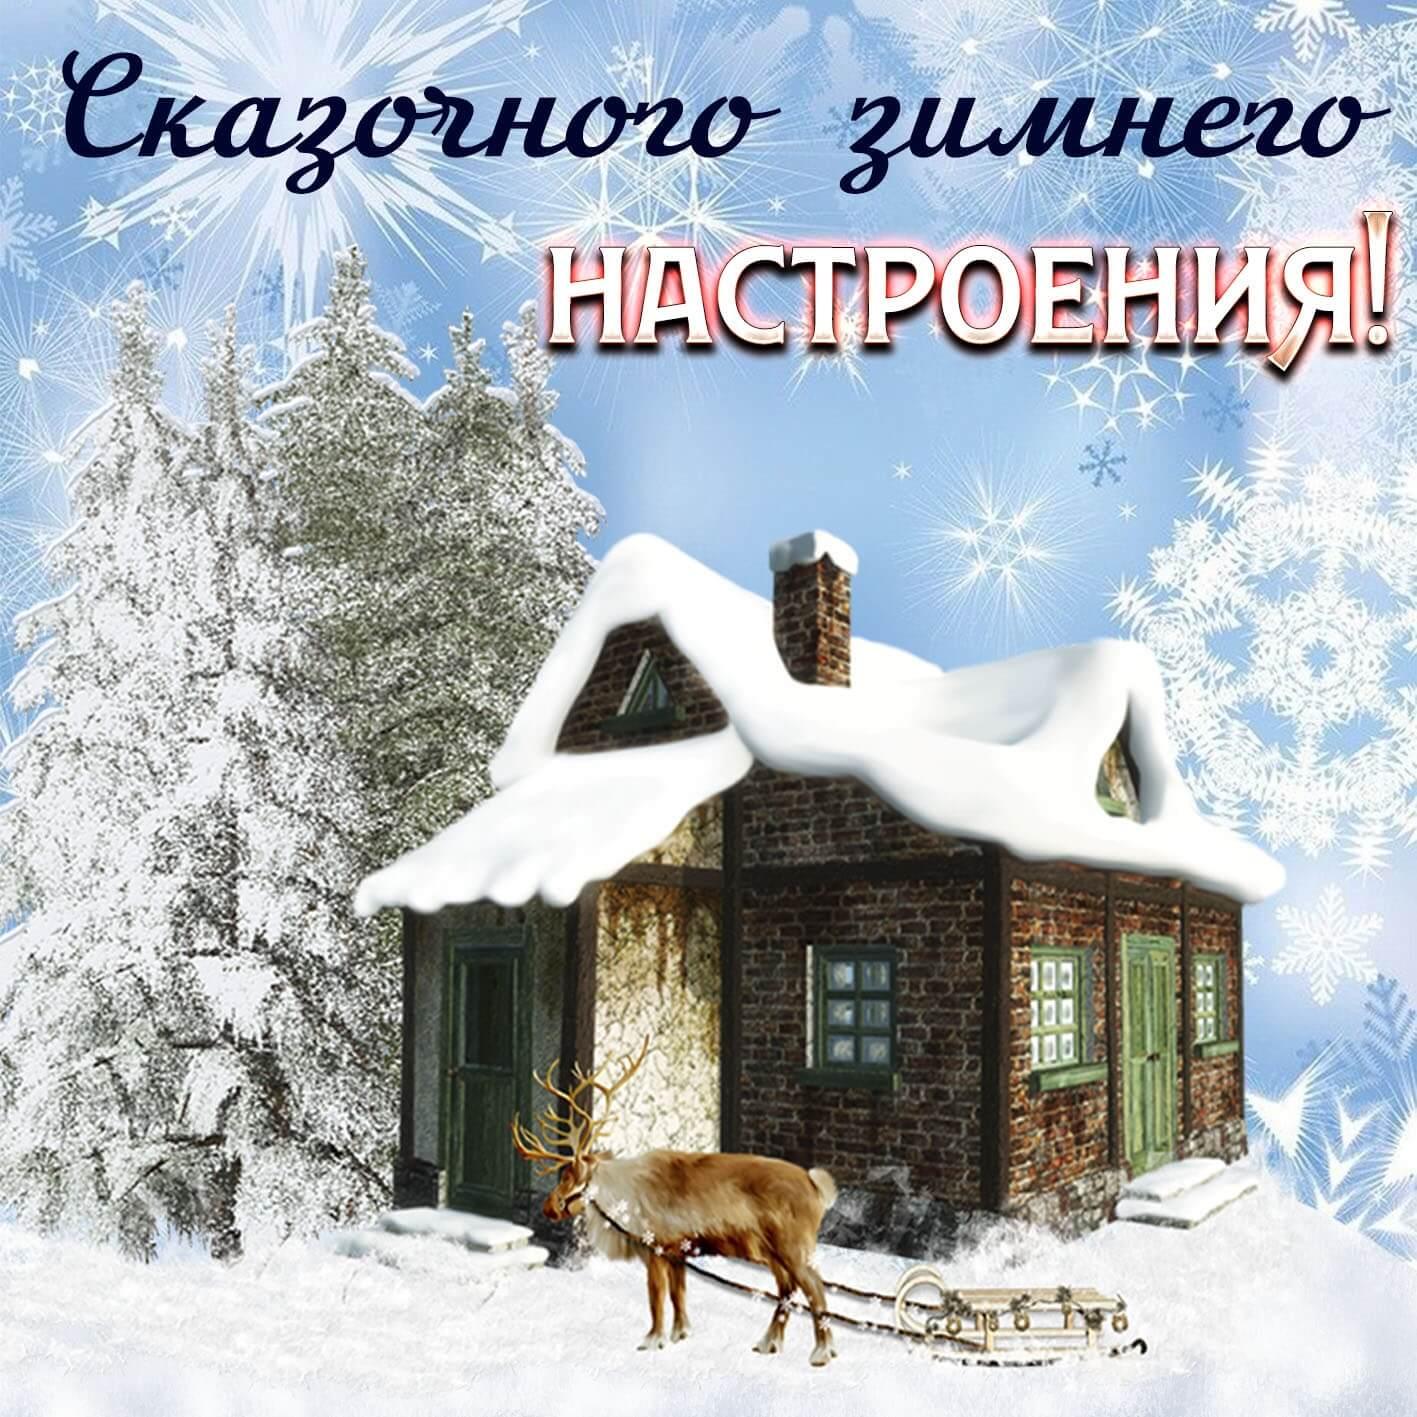 Топовые открытки с добрым зимним настроением 02